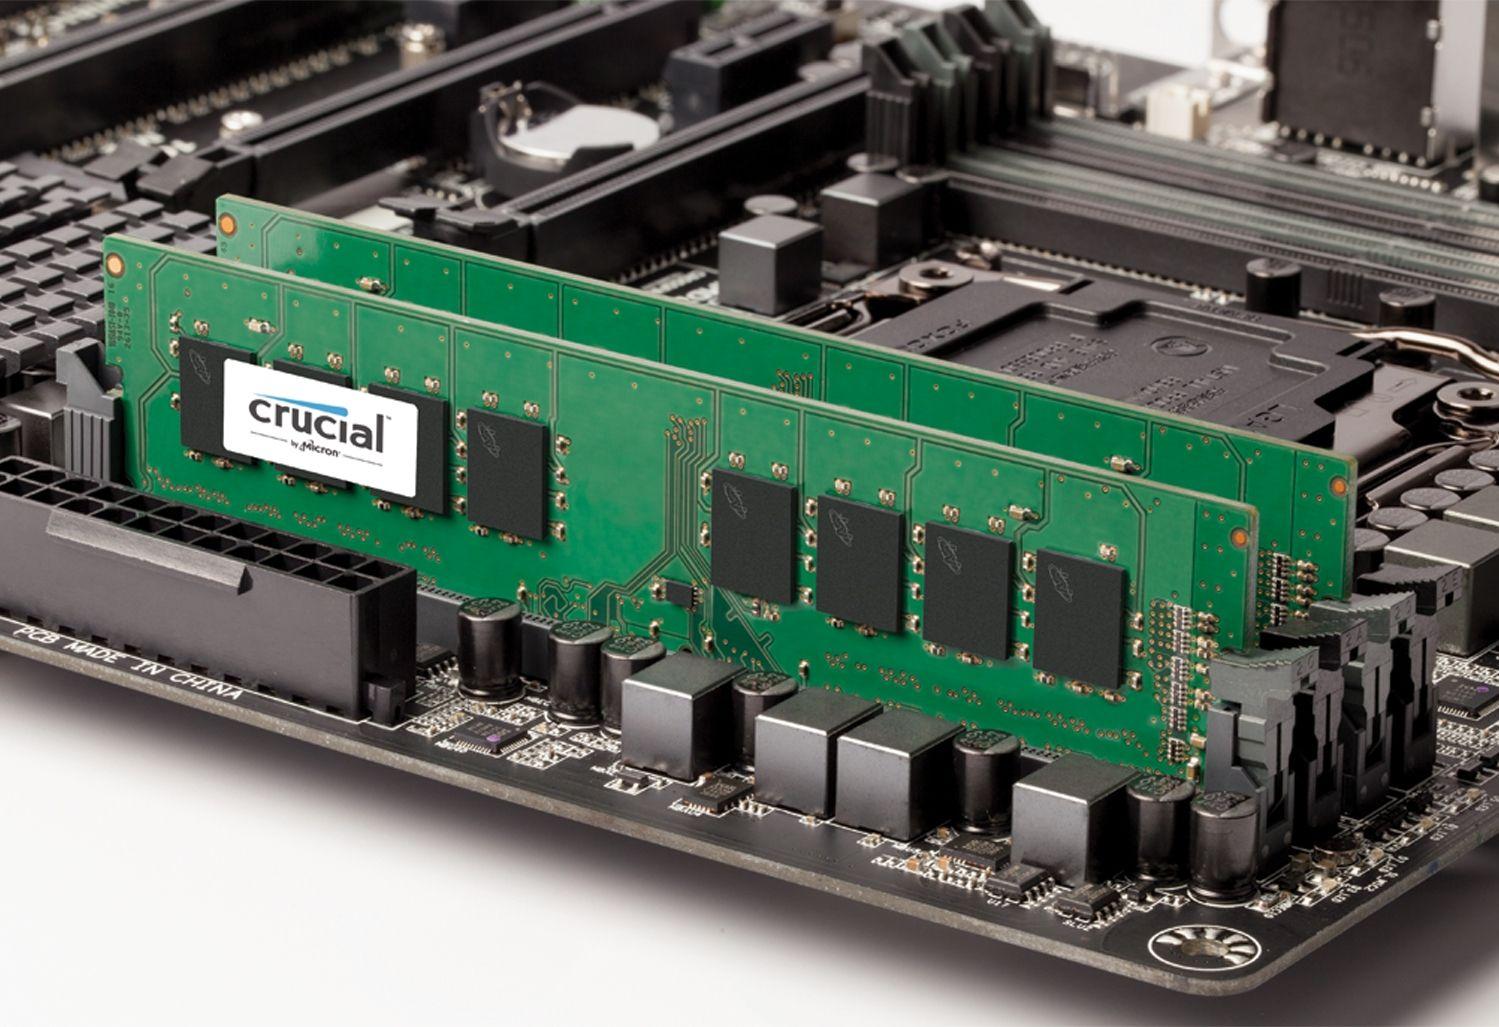 마더보드에 내장된 2개의 Crucial RAM 메모리 모듈